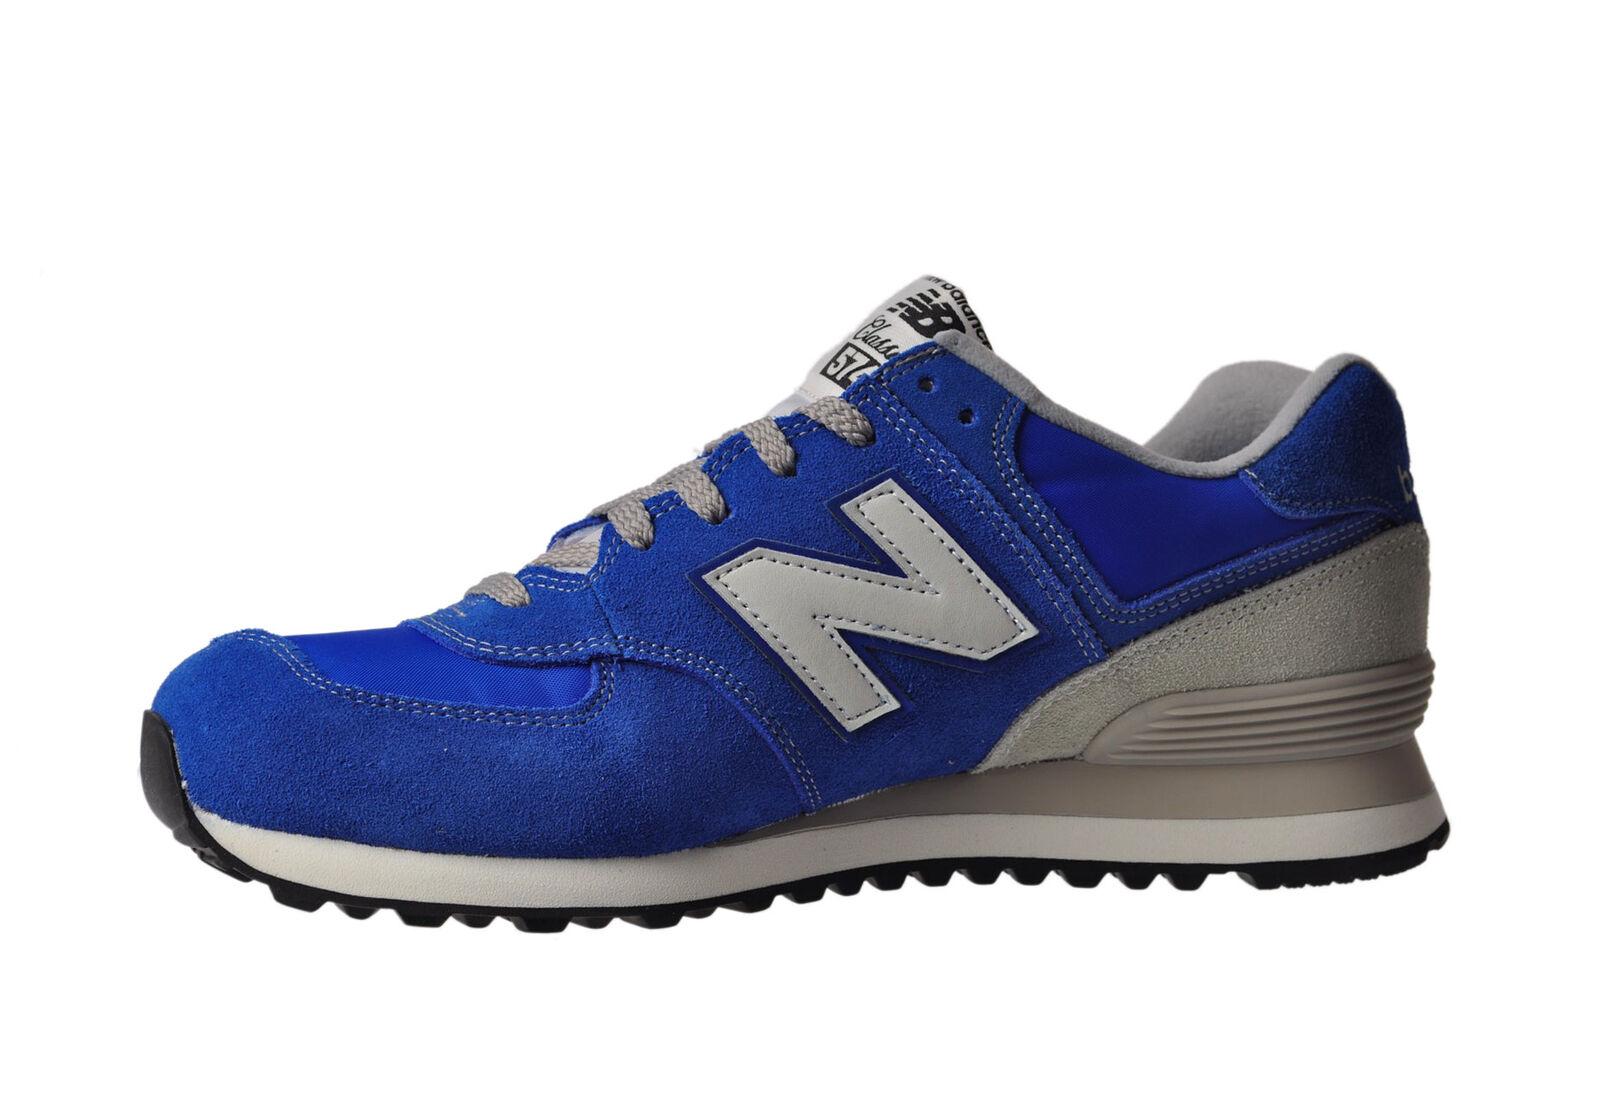 New Balance - Scarpe-Sneakers basse - - Uomo - Blu - - 891418G184310 Scarpe classiche da uomo 6bc910